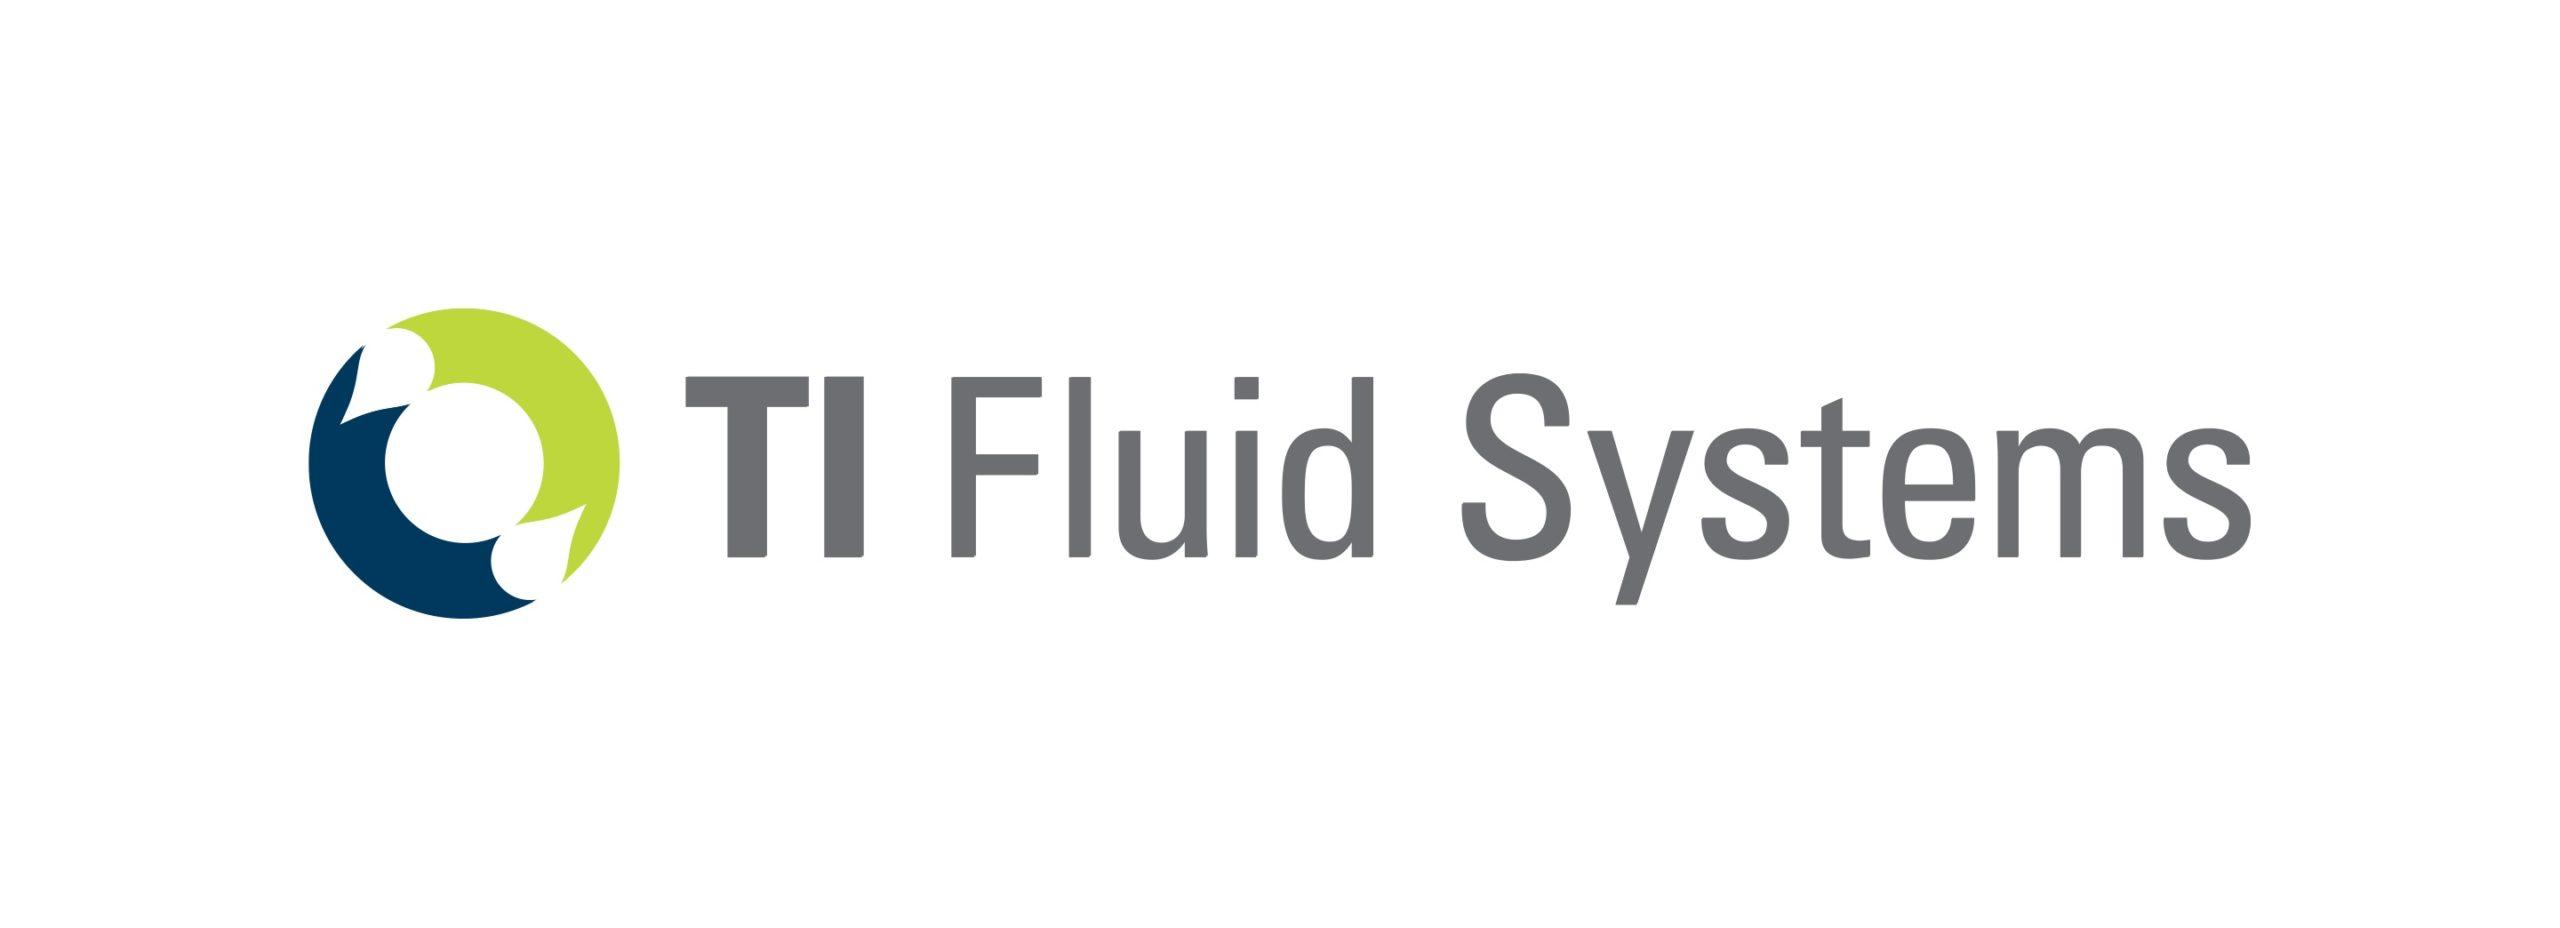 TI Fluid Systems, S.A.